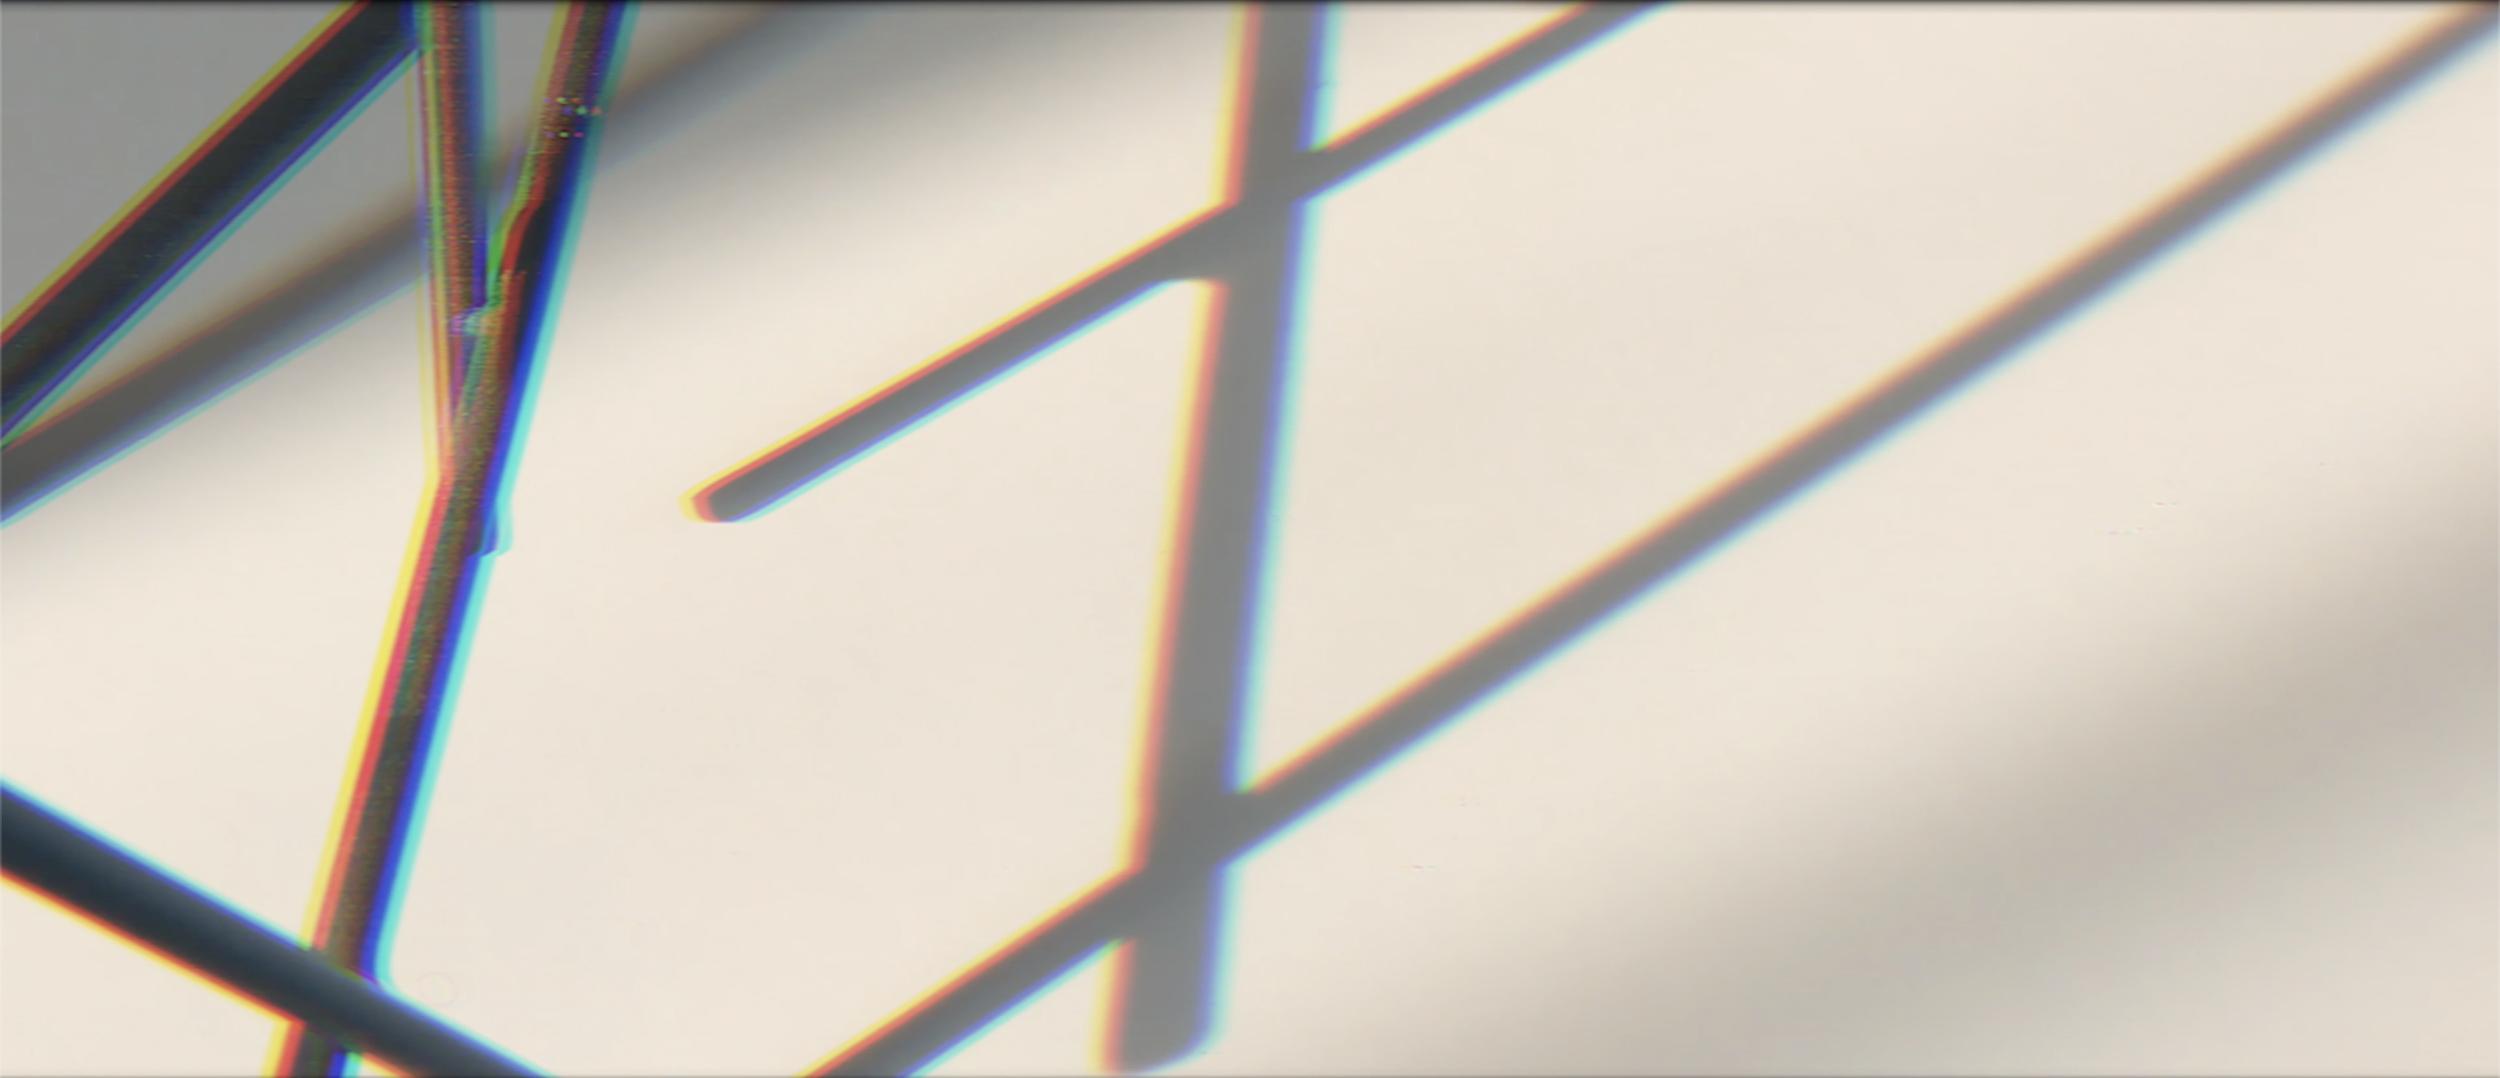 Screenshot 2018-08-07 at 15.43.30.png